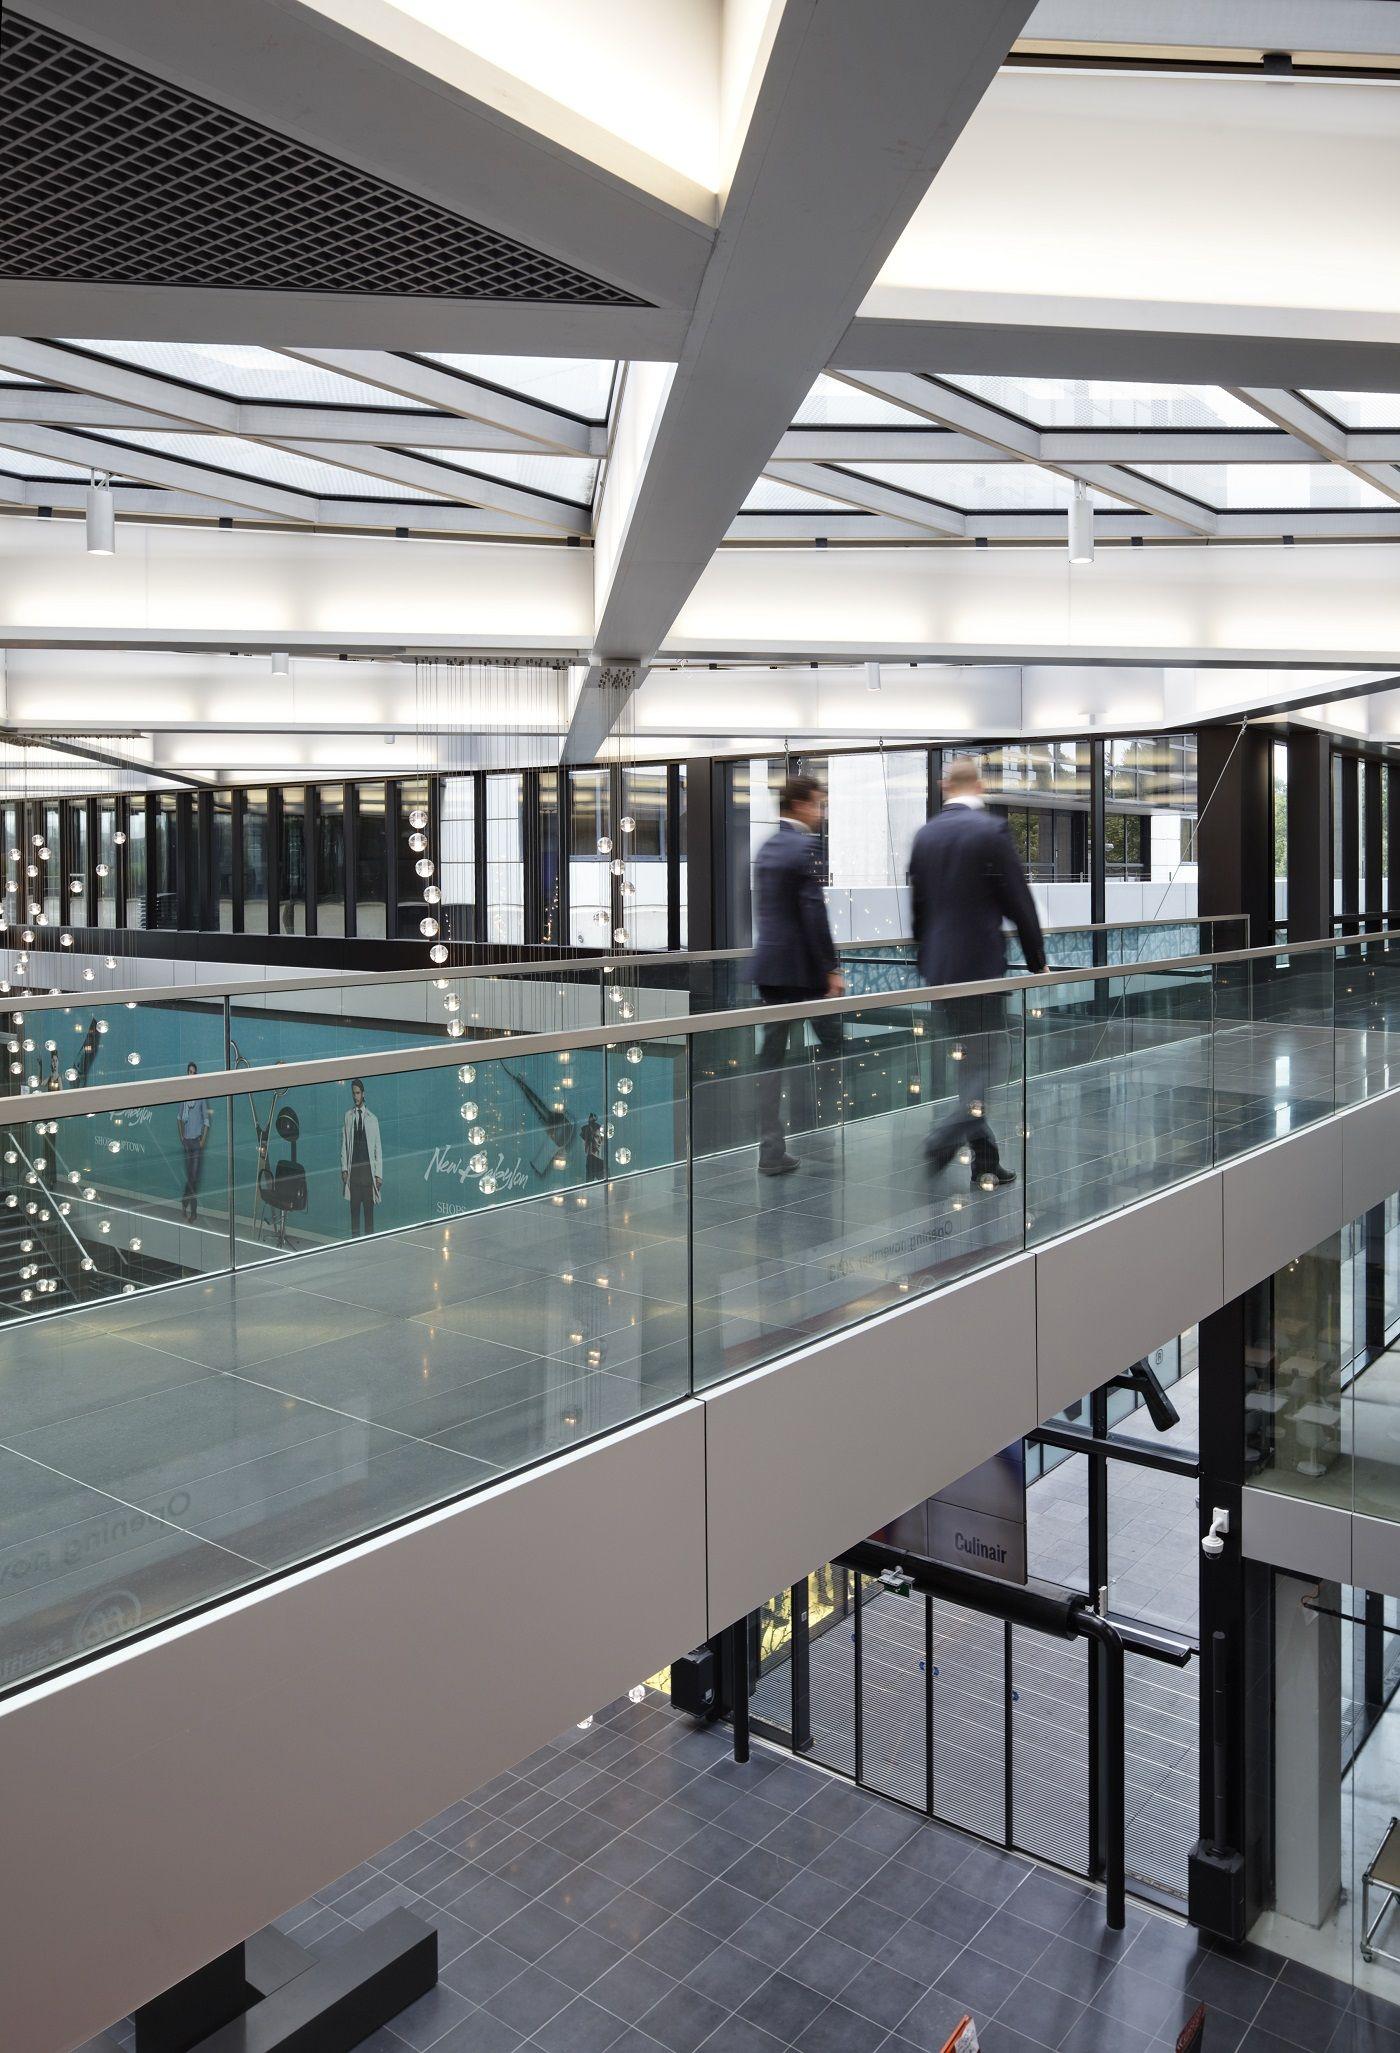 Glazen balustrades